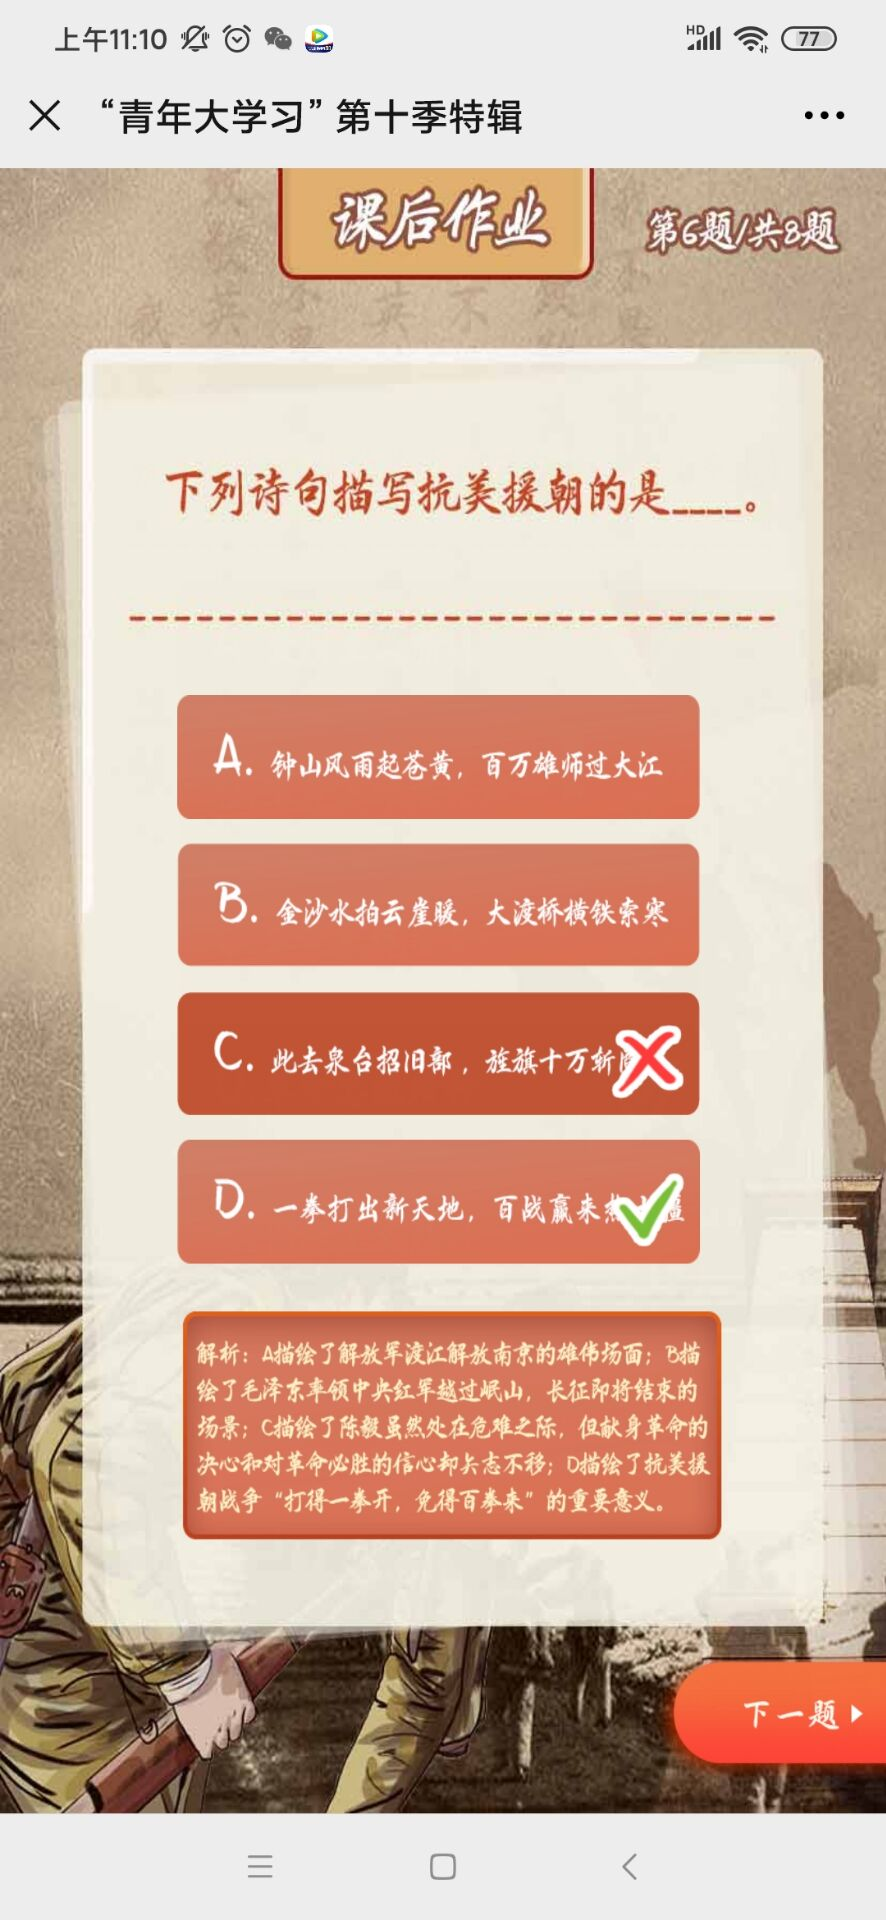 中國一貫奉行的是什麼國防政策 青年大學習第十季特輯答案詳解[多圖]